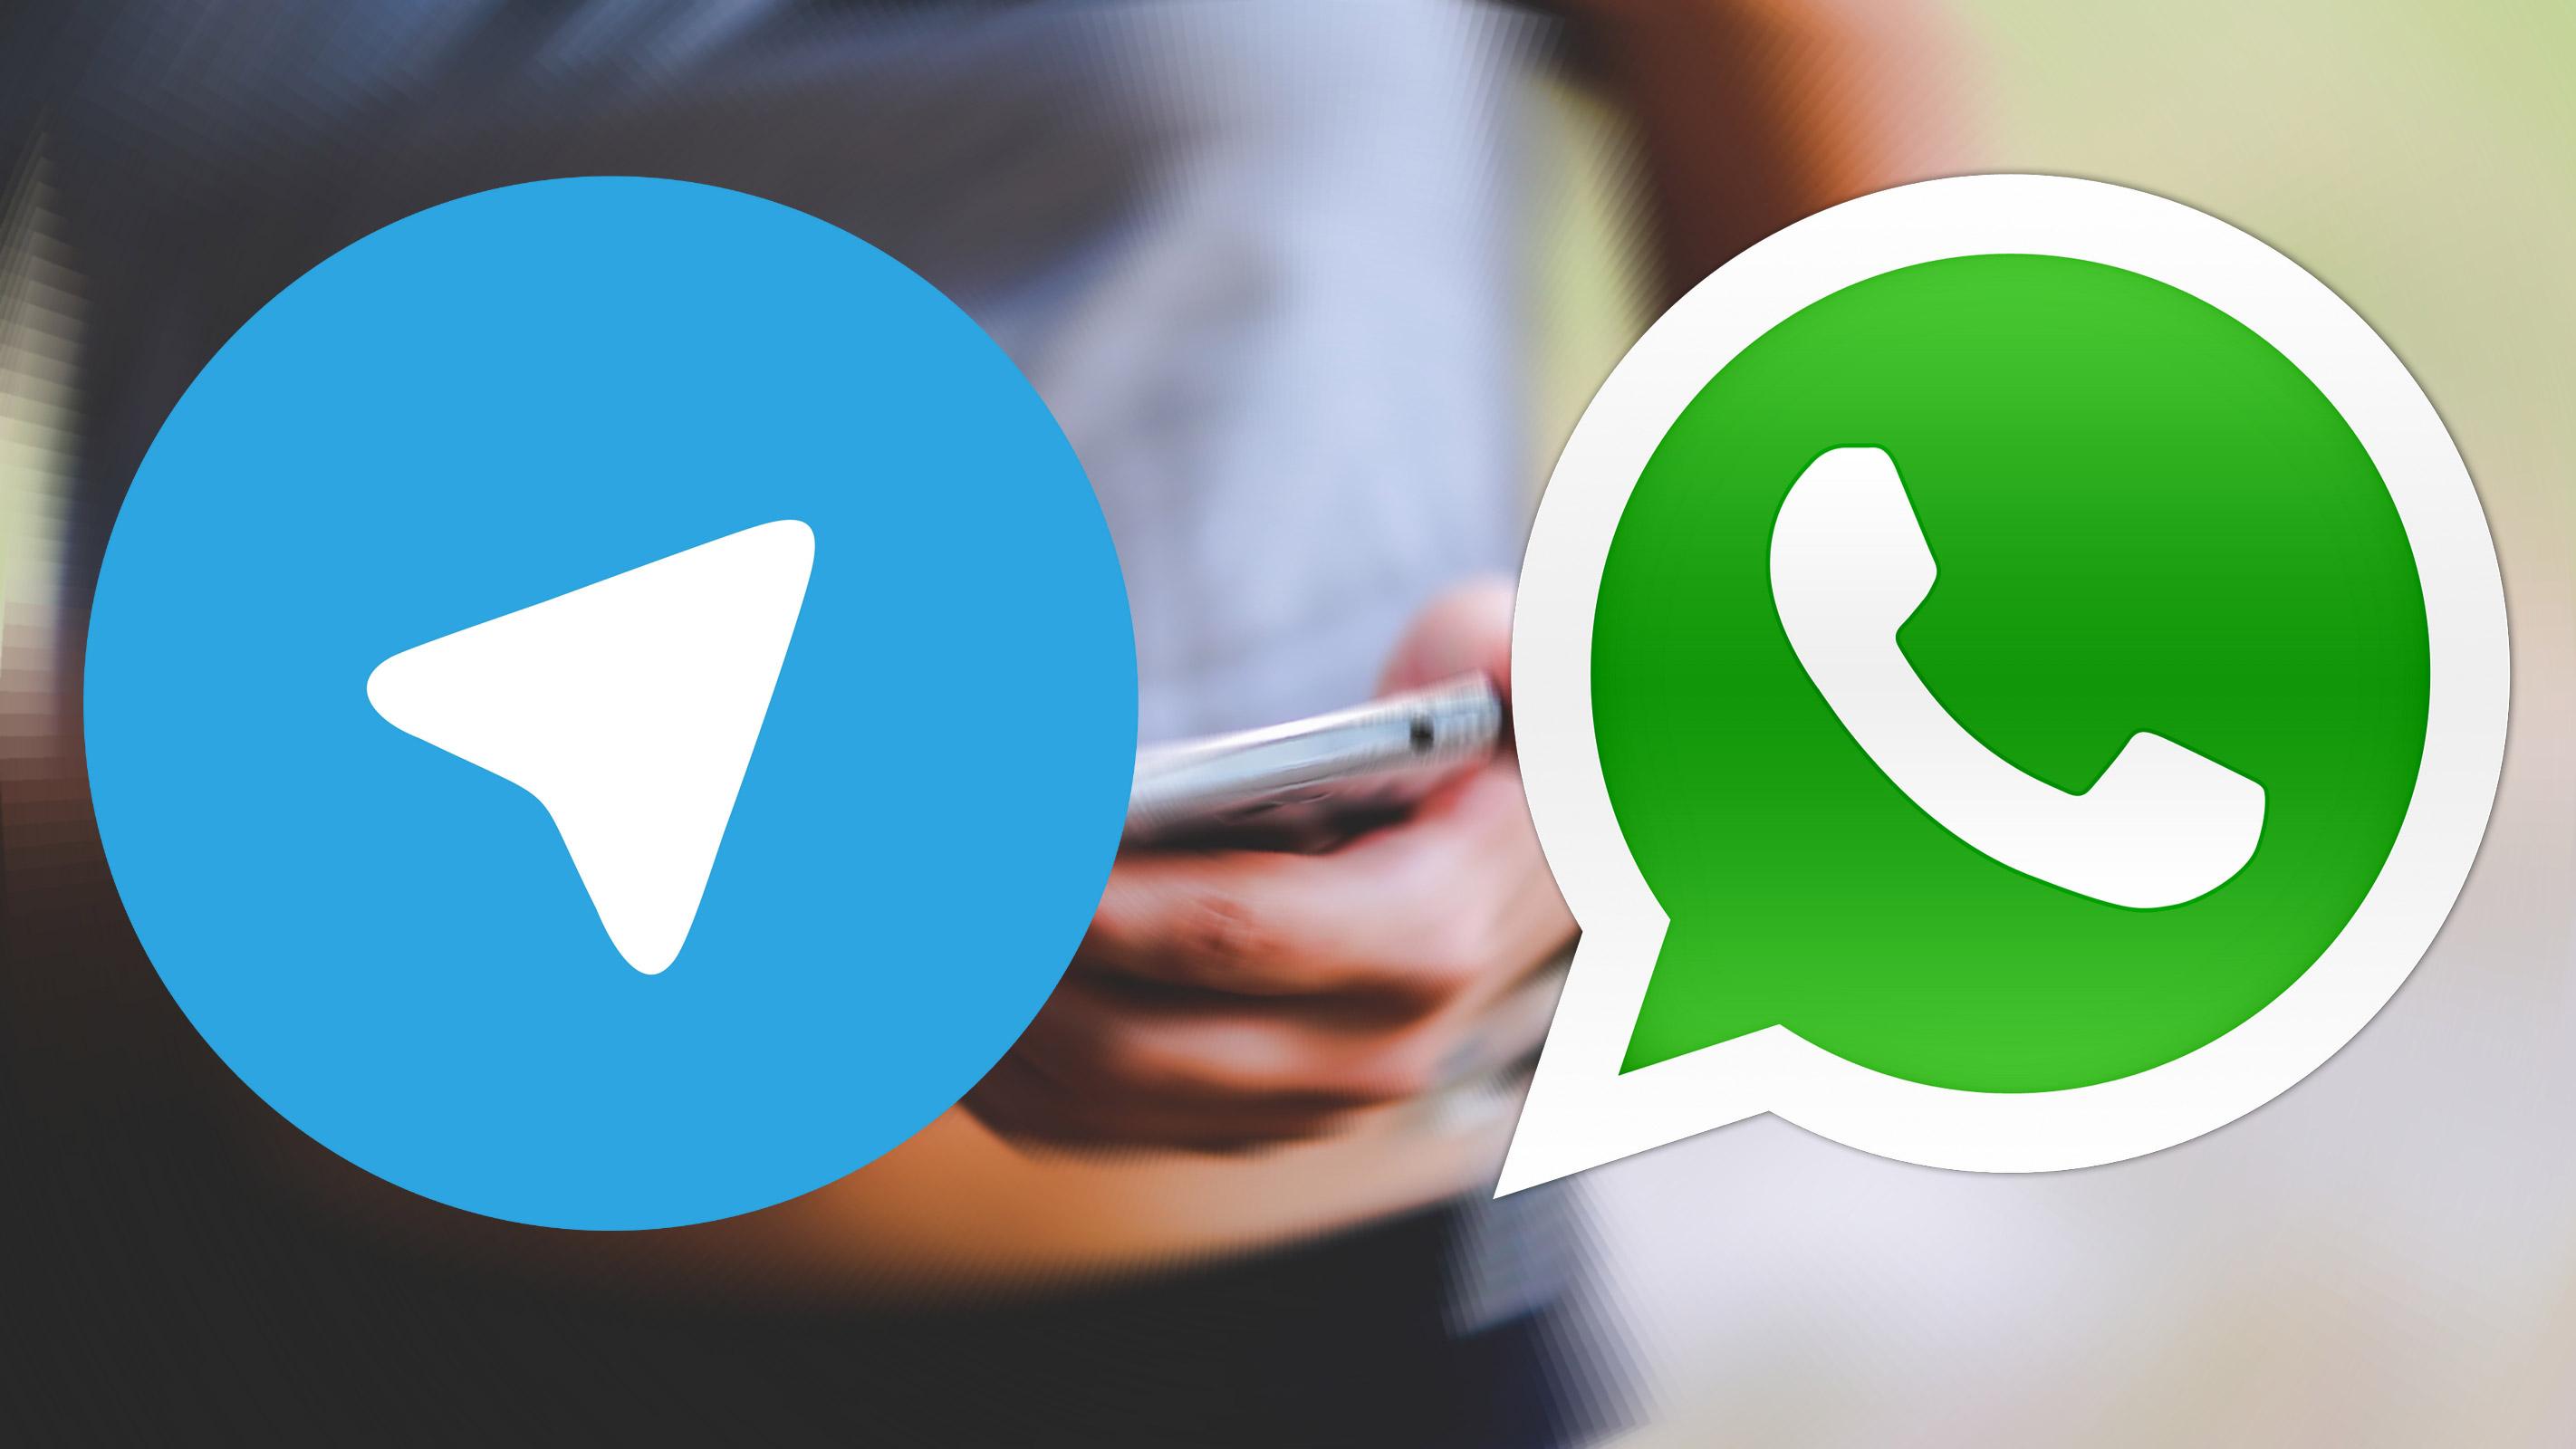 چگونه یک عکس میتواند WhatsApp  و Telegram  شما  را هک کند + ویدئو